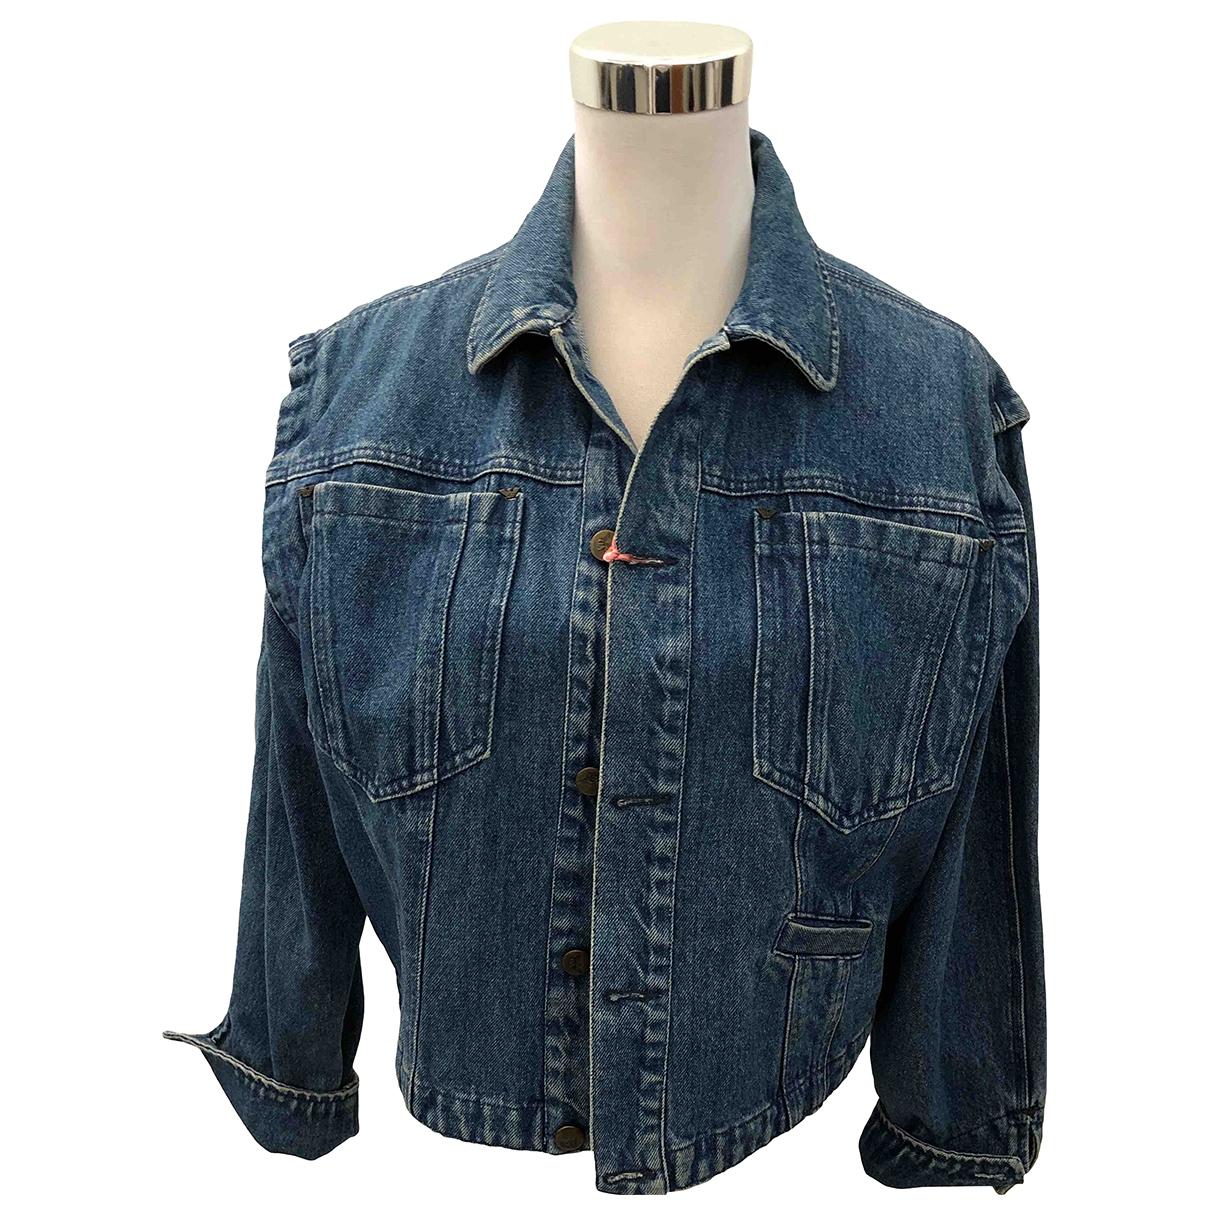 Giorgio Armani \N Jacke in  Blau Denim - Jeans